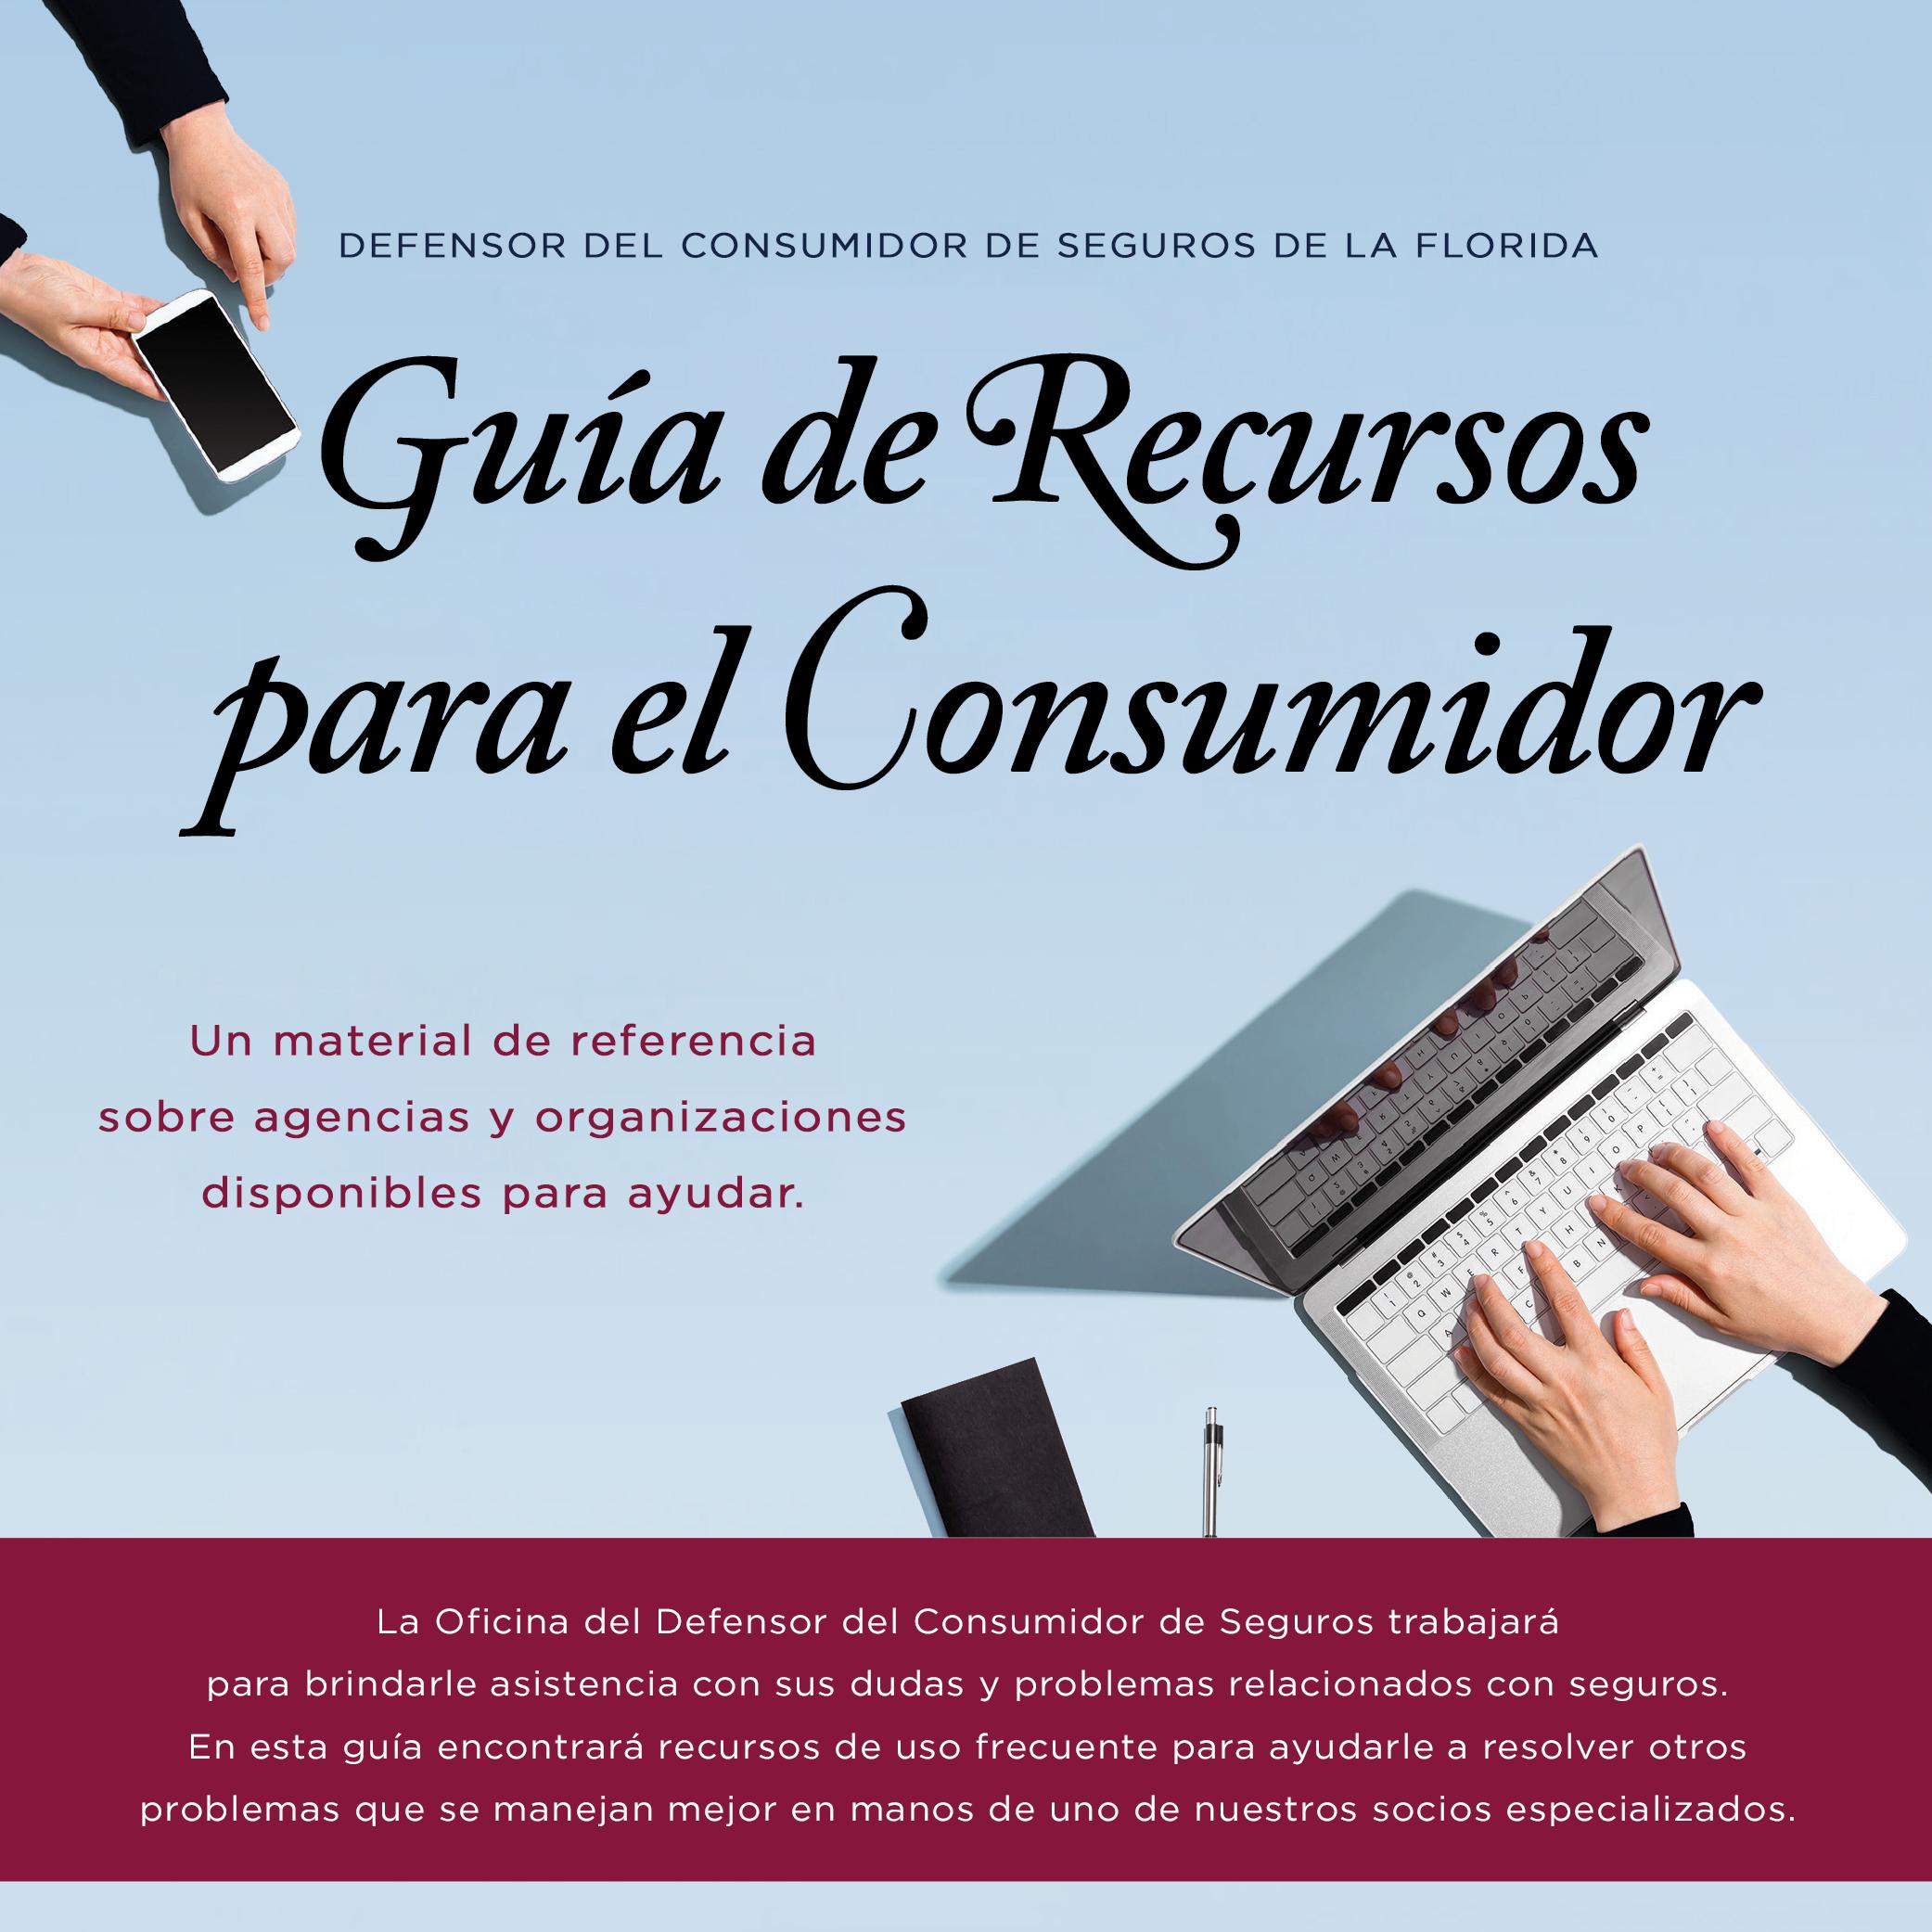 Guía de Recursos para el Consumidor